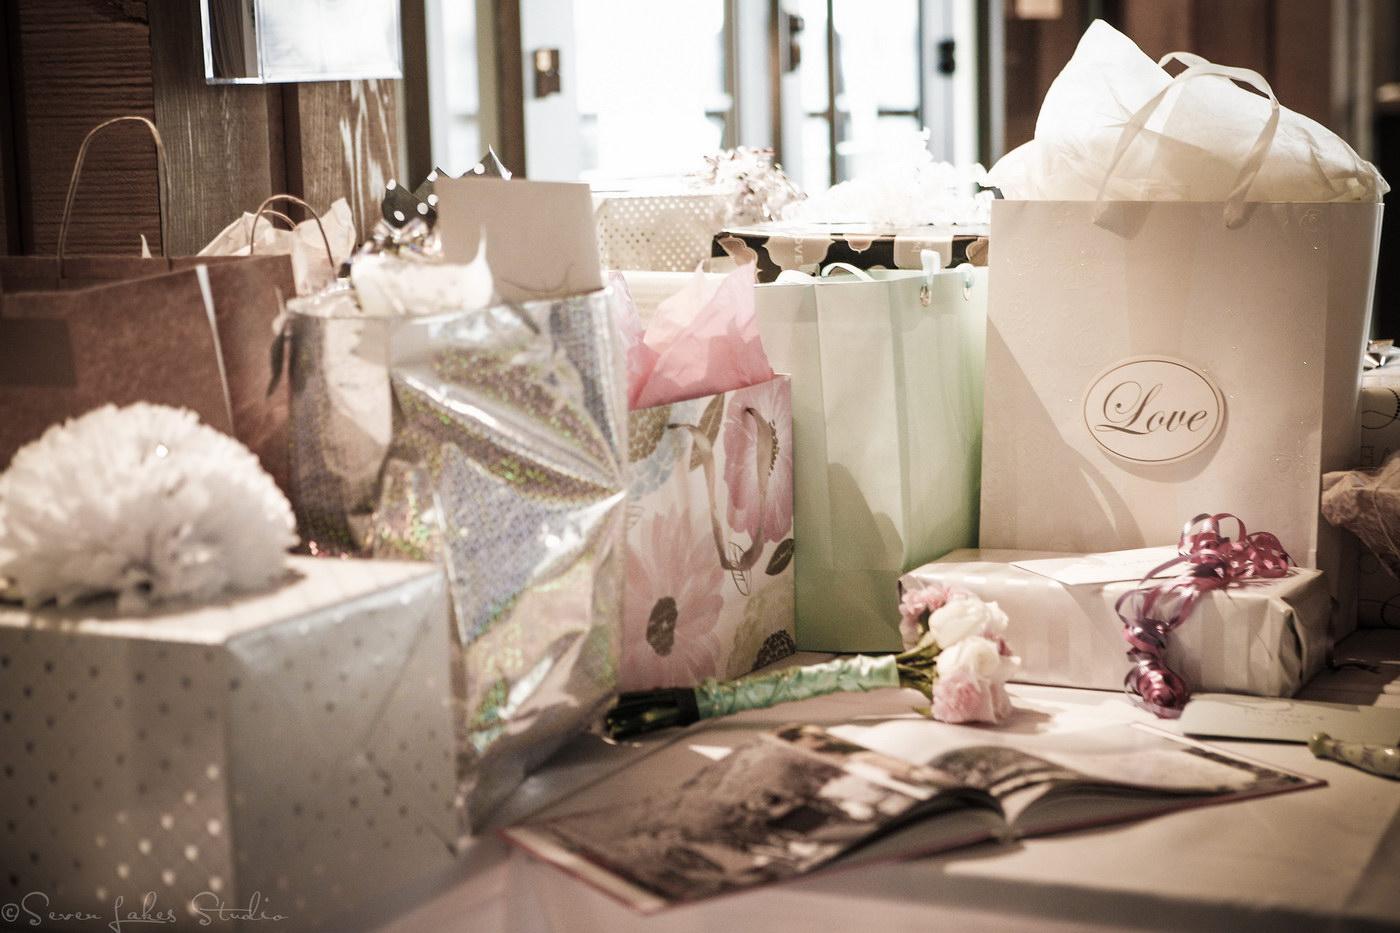 Cati bani poti cheltui pentru darul de nunta